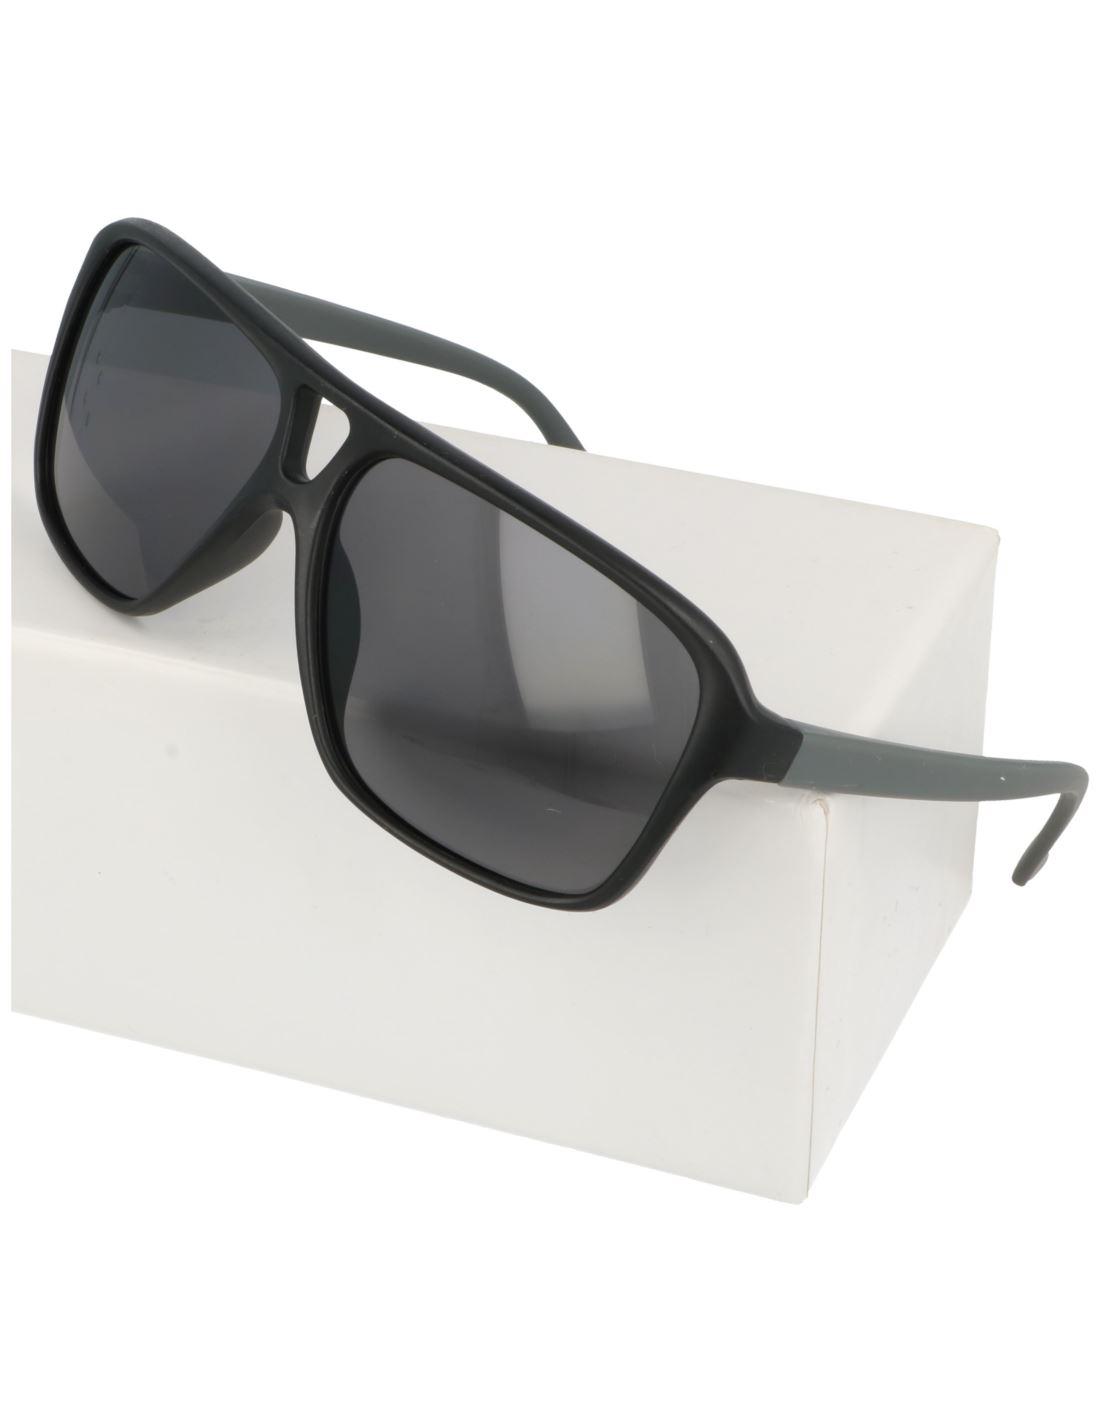 Okrągłe lustrzane okulary przeciwsłoneczne 1627